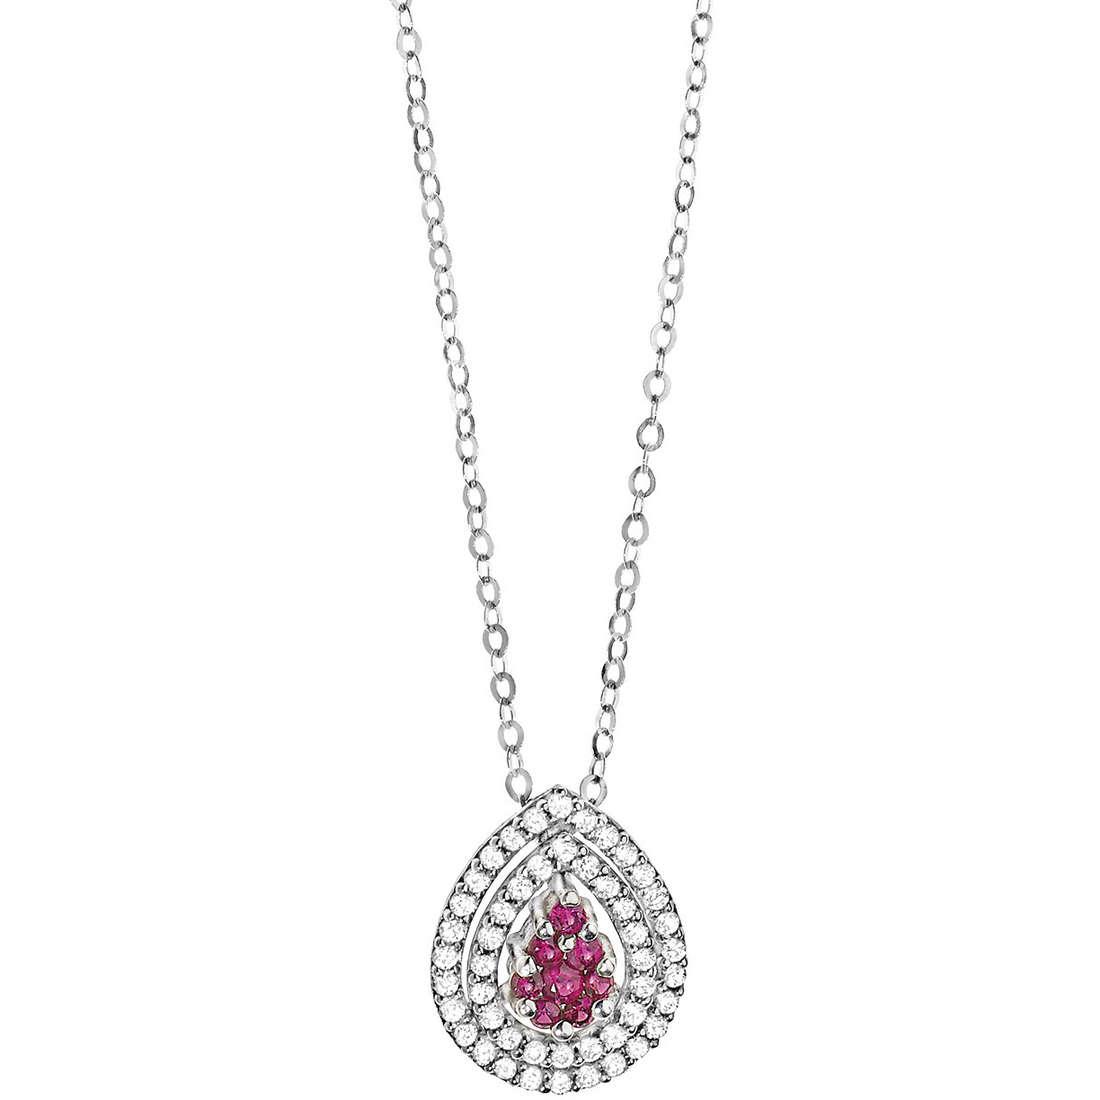 collana donna gioielli Comete Pietre preziose colorate GLB 952